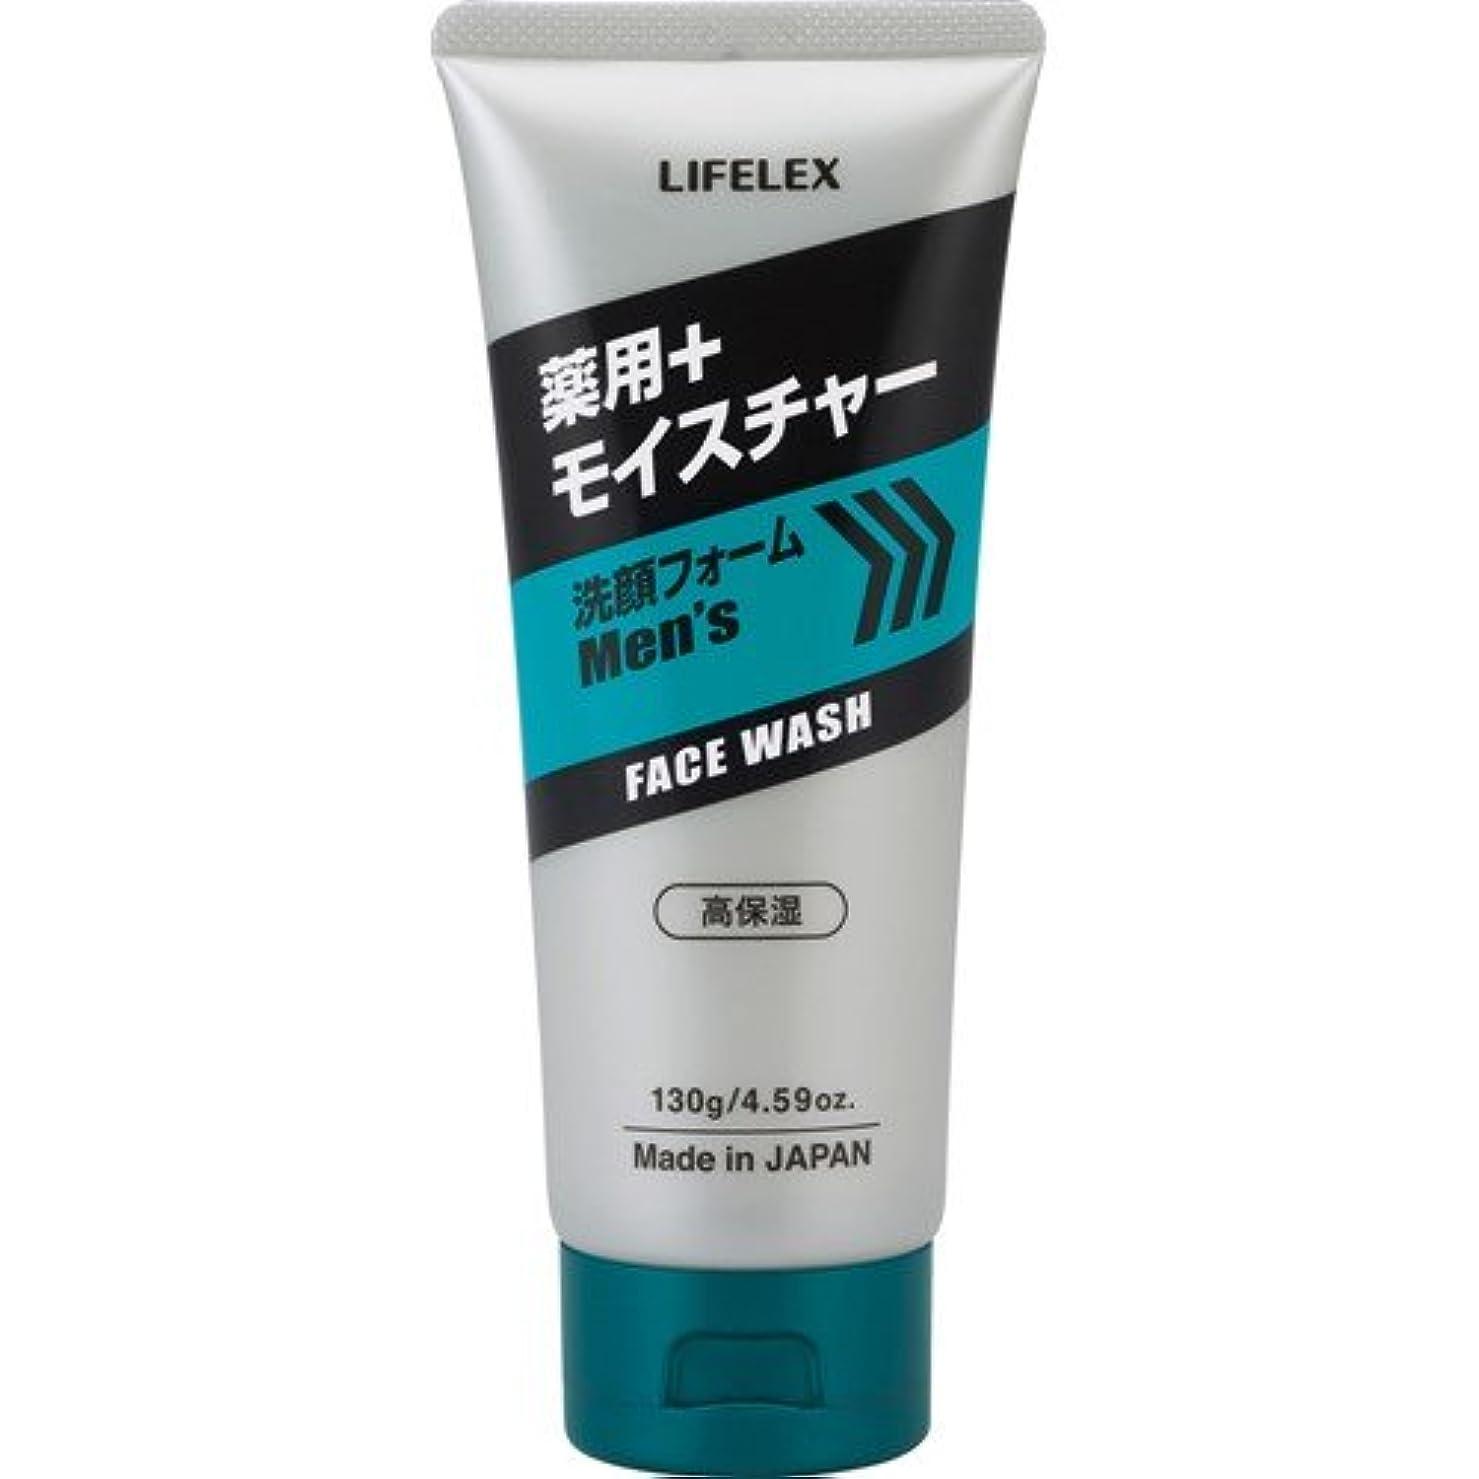 モチーフ非効率的なセーターコーナンオリジナル メンズ薬用モイスチャ洗顔フォーム 130g